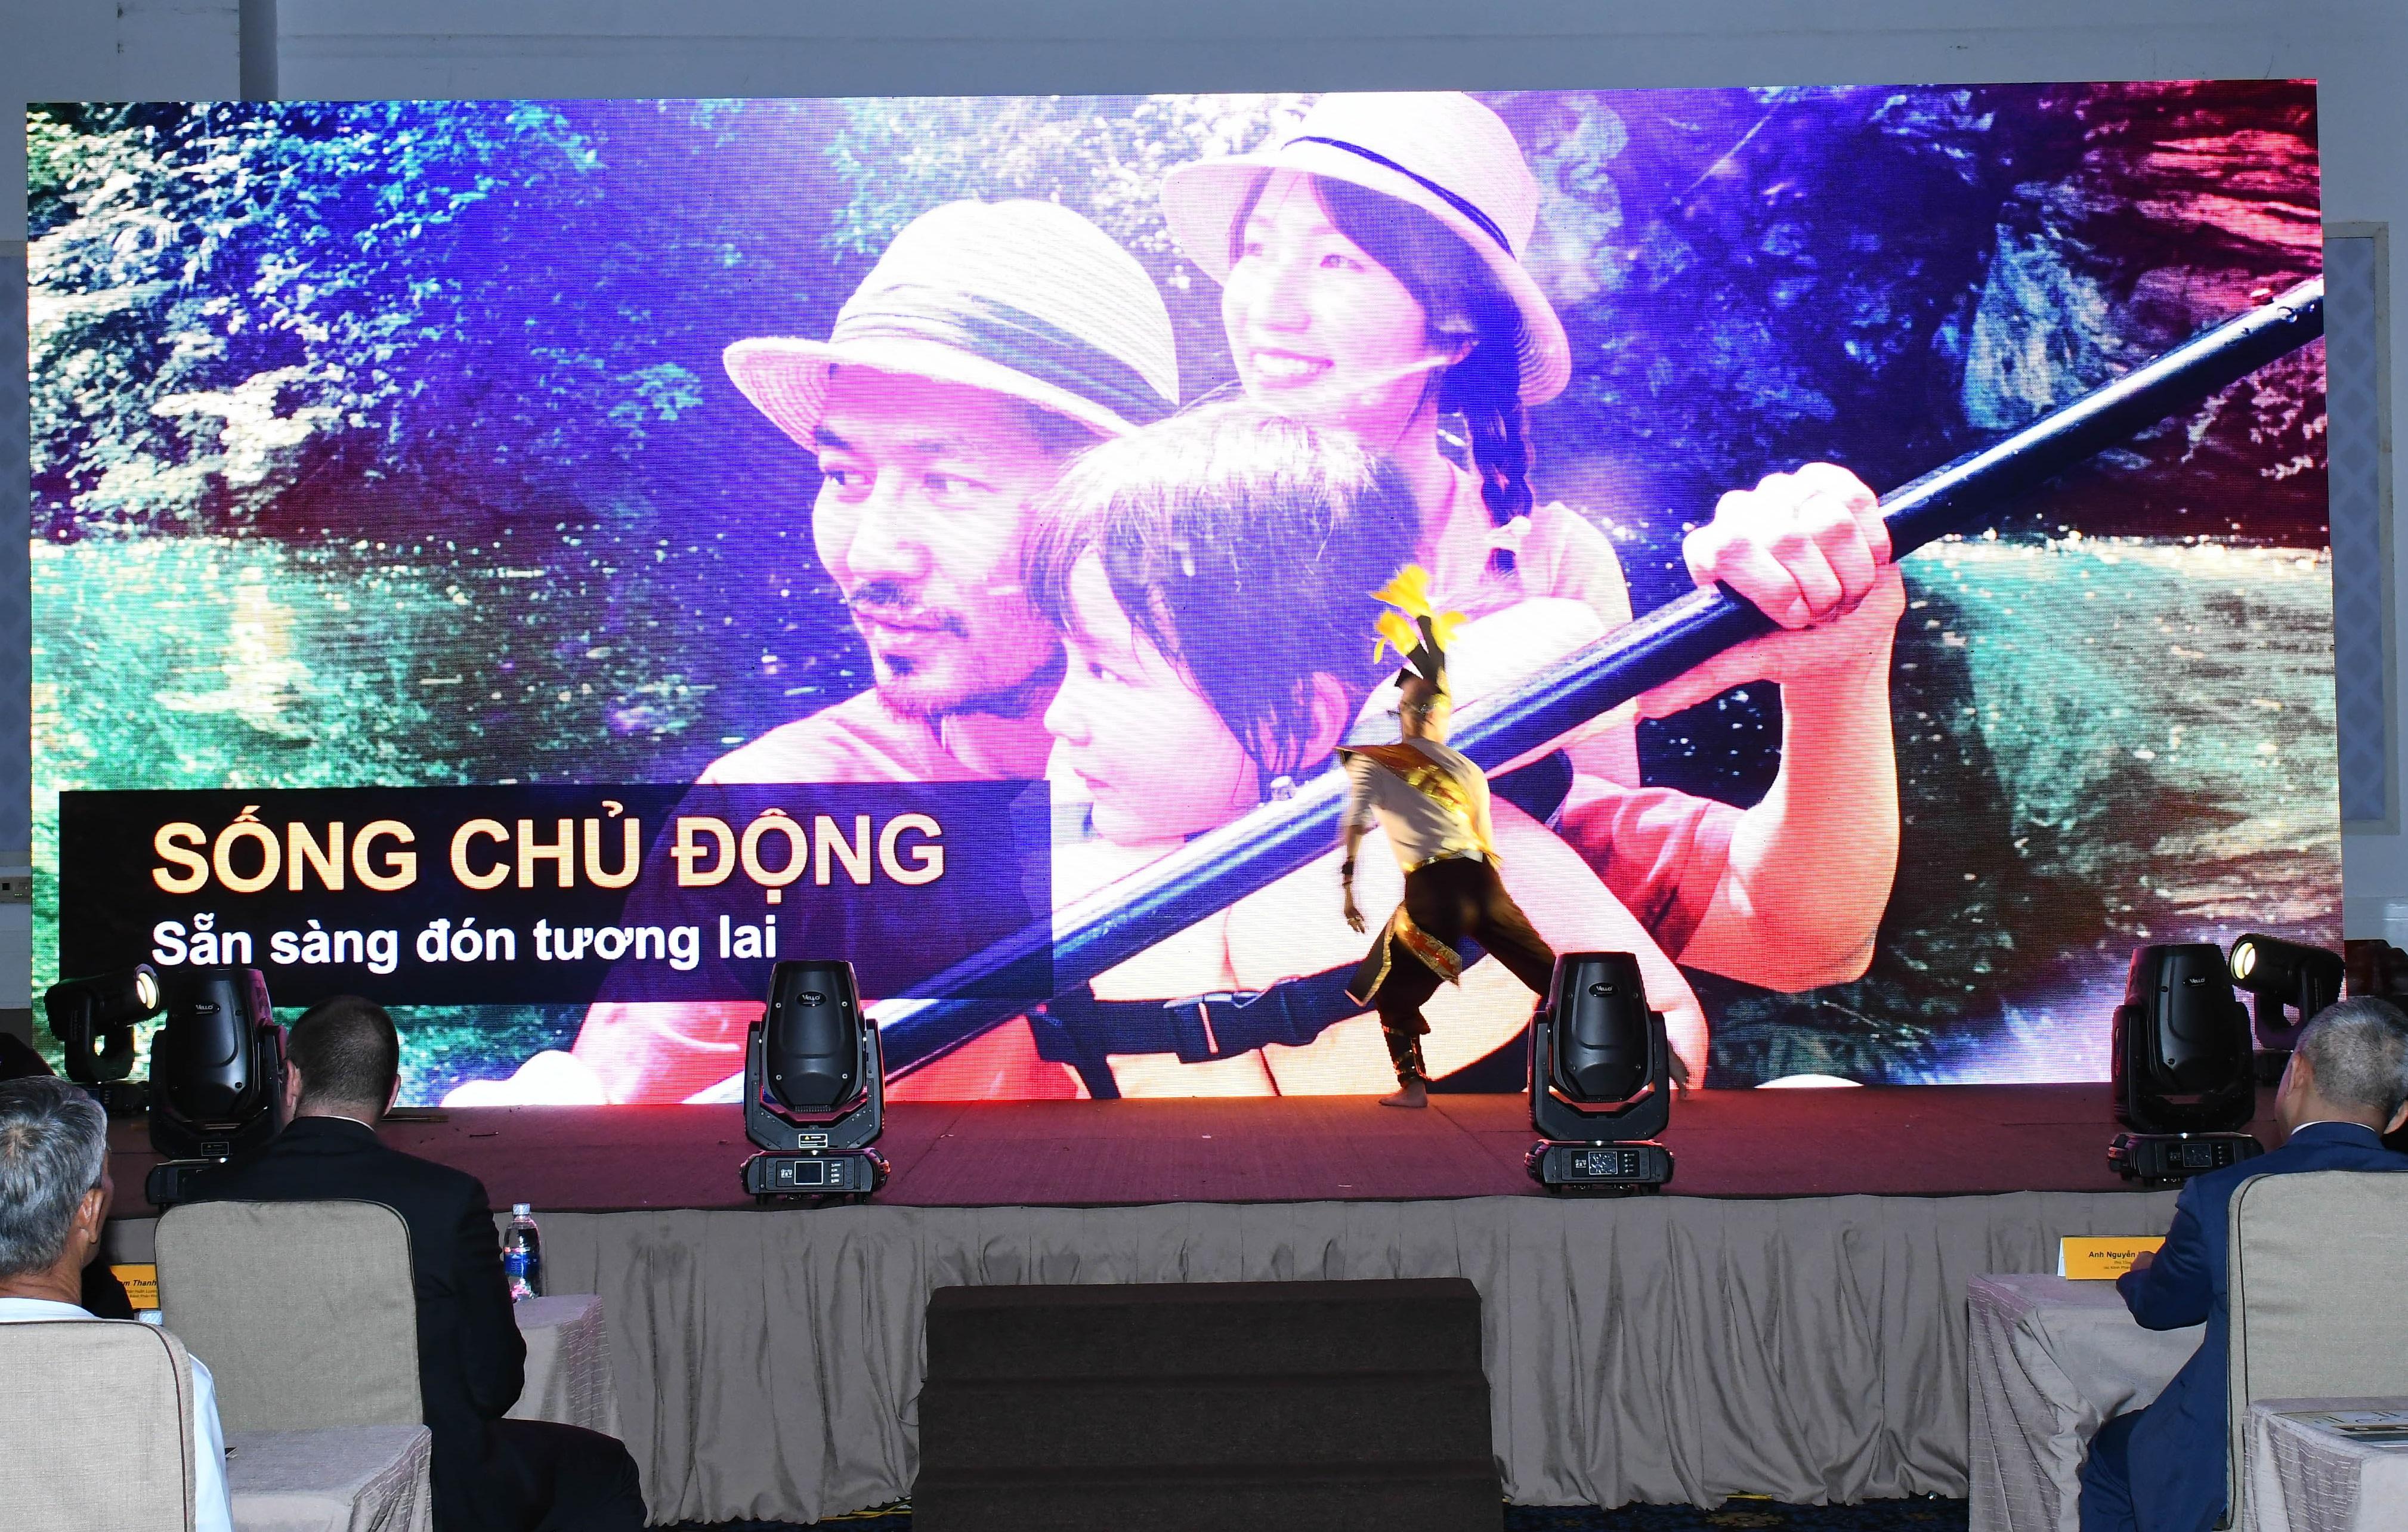 """Hơn 300 tư vấn viên - khách mời tham dự Lễ ra mắt sản phẩm mới """"SUN - Sống chủ động"""" tại TP. Hồ Chí Minh."""